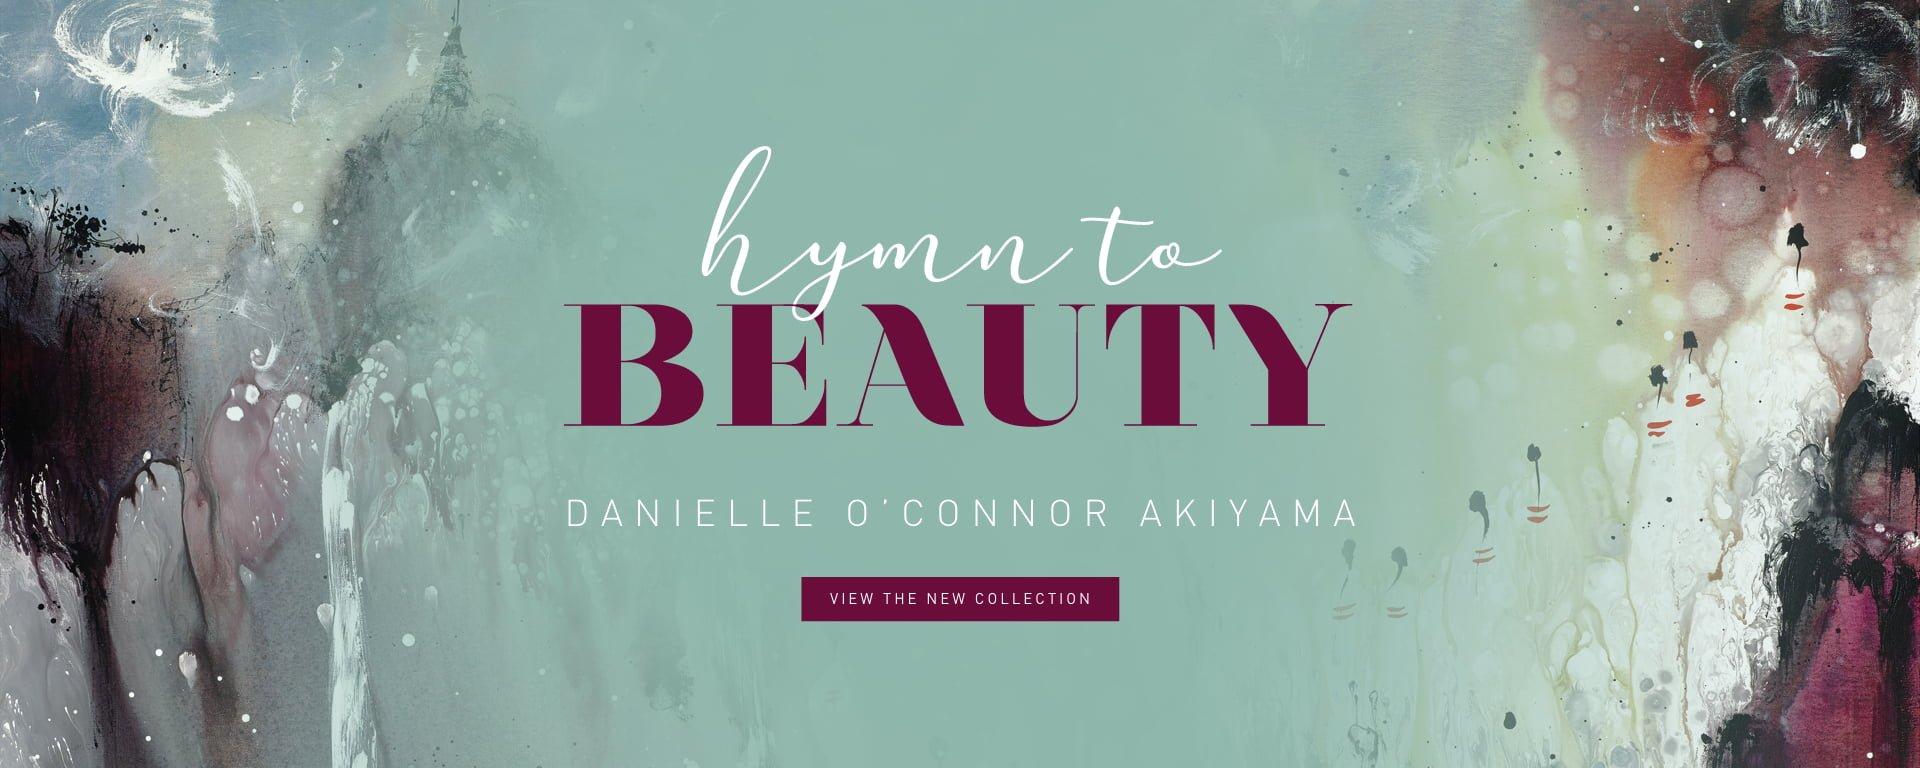 Danielle O'Connor Akiyama | Hymn to Beauty